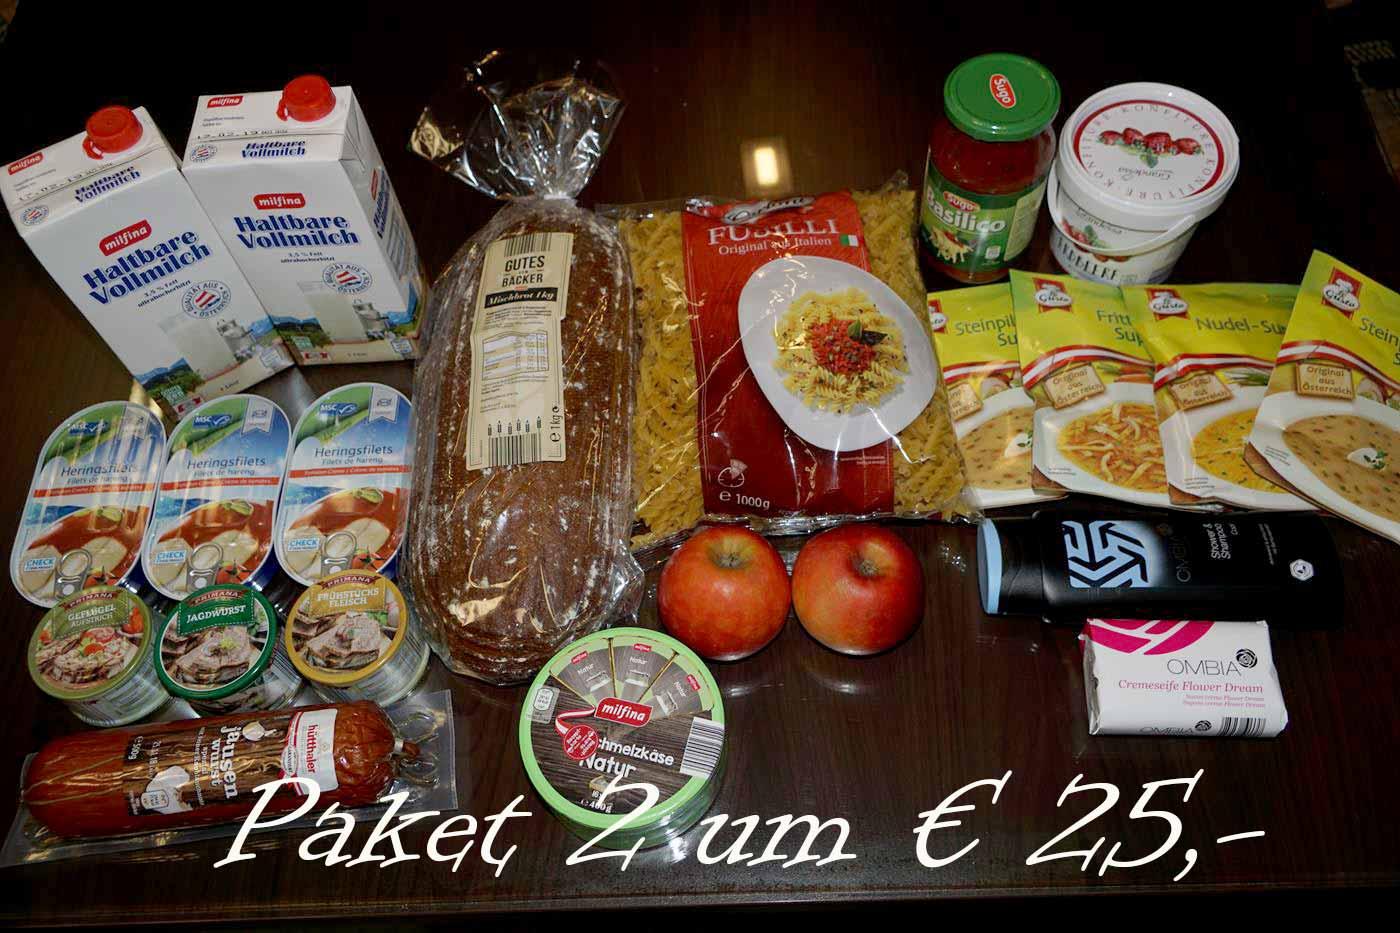 DSC01495-1400_mP_Paket-2_web